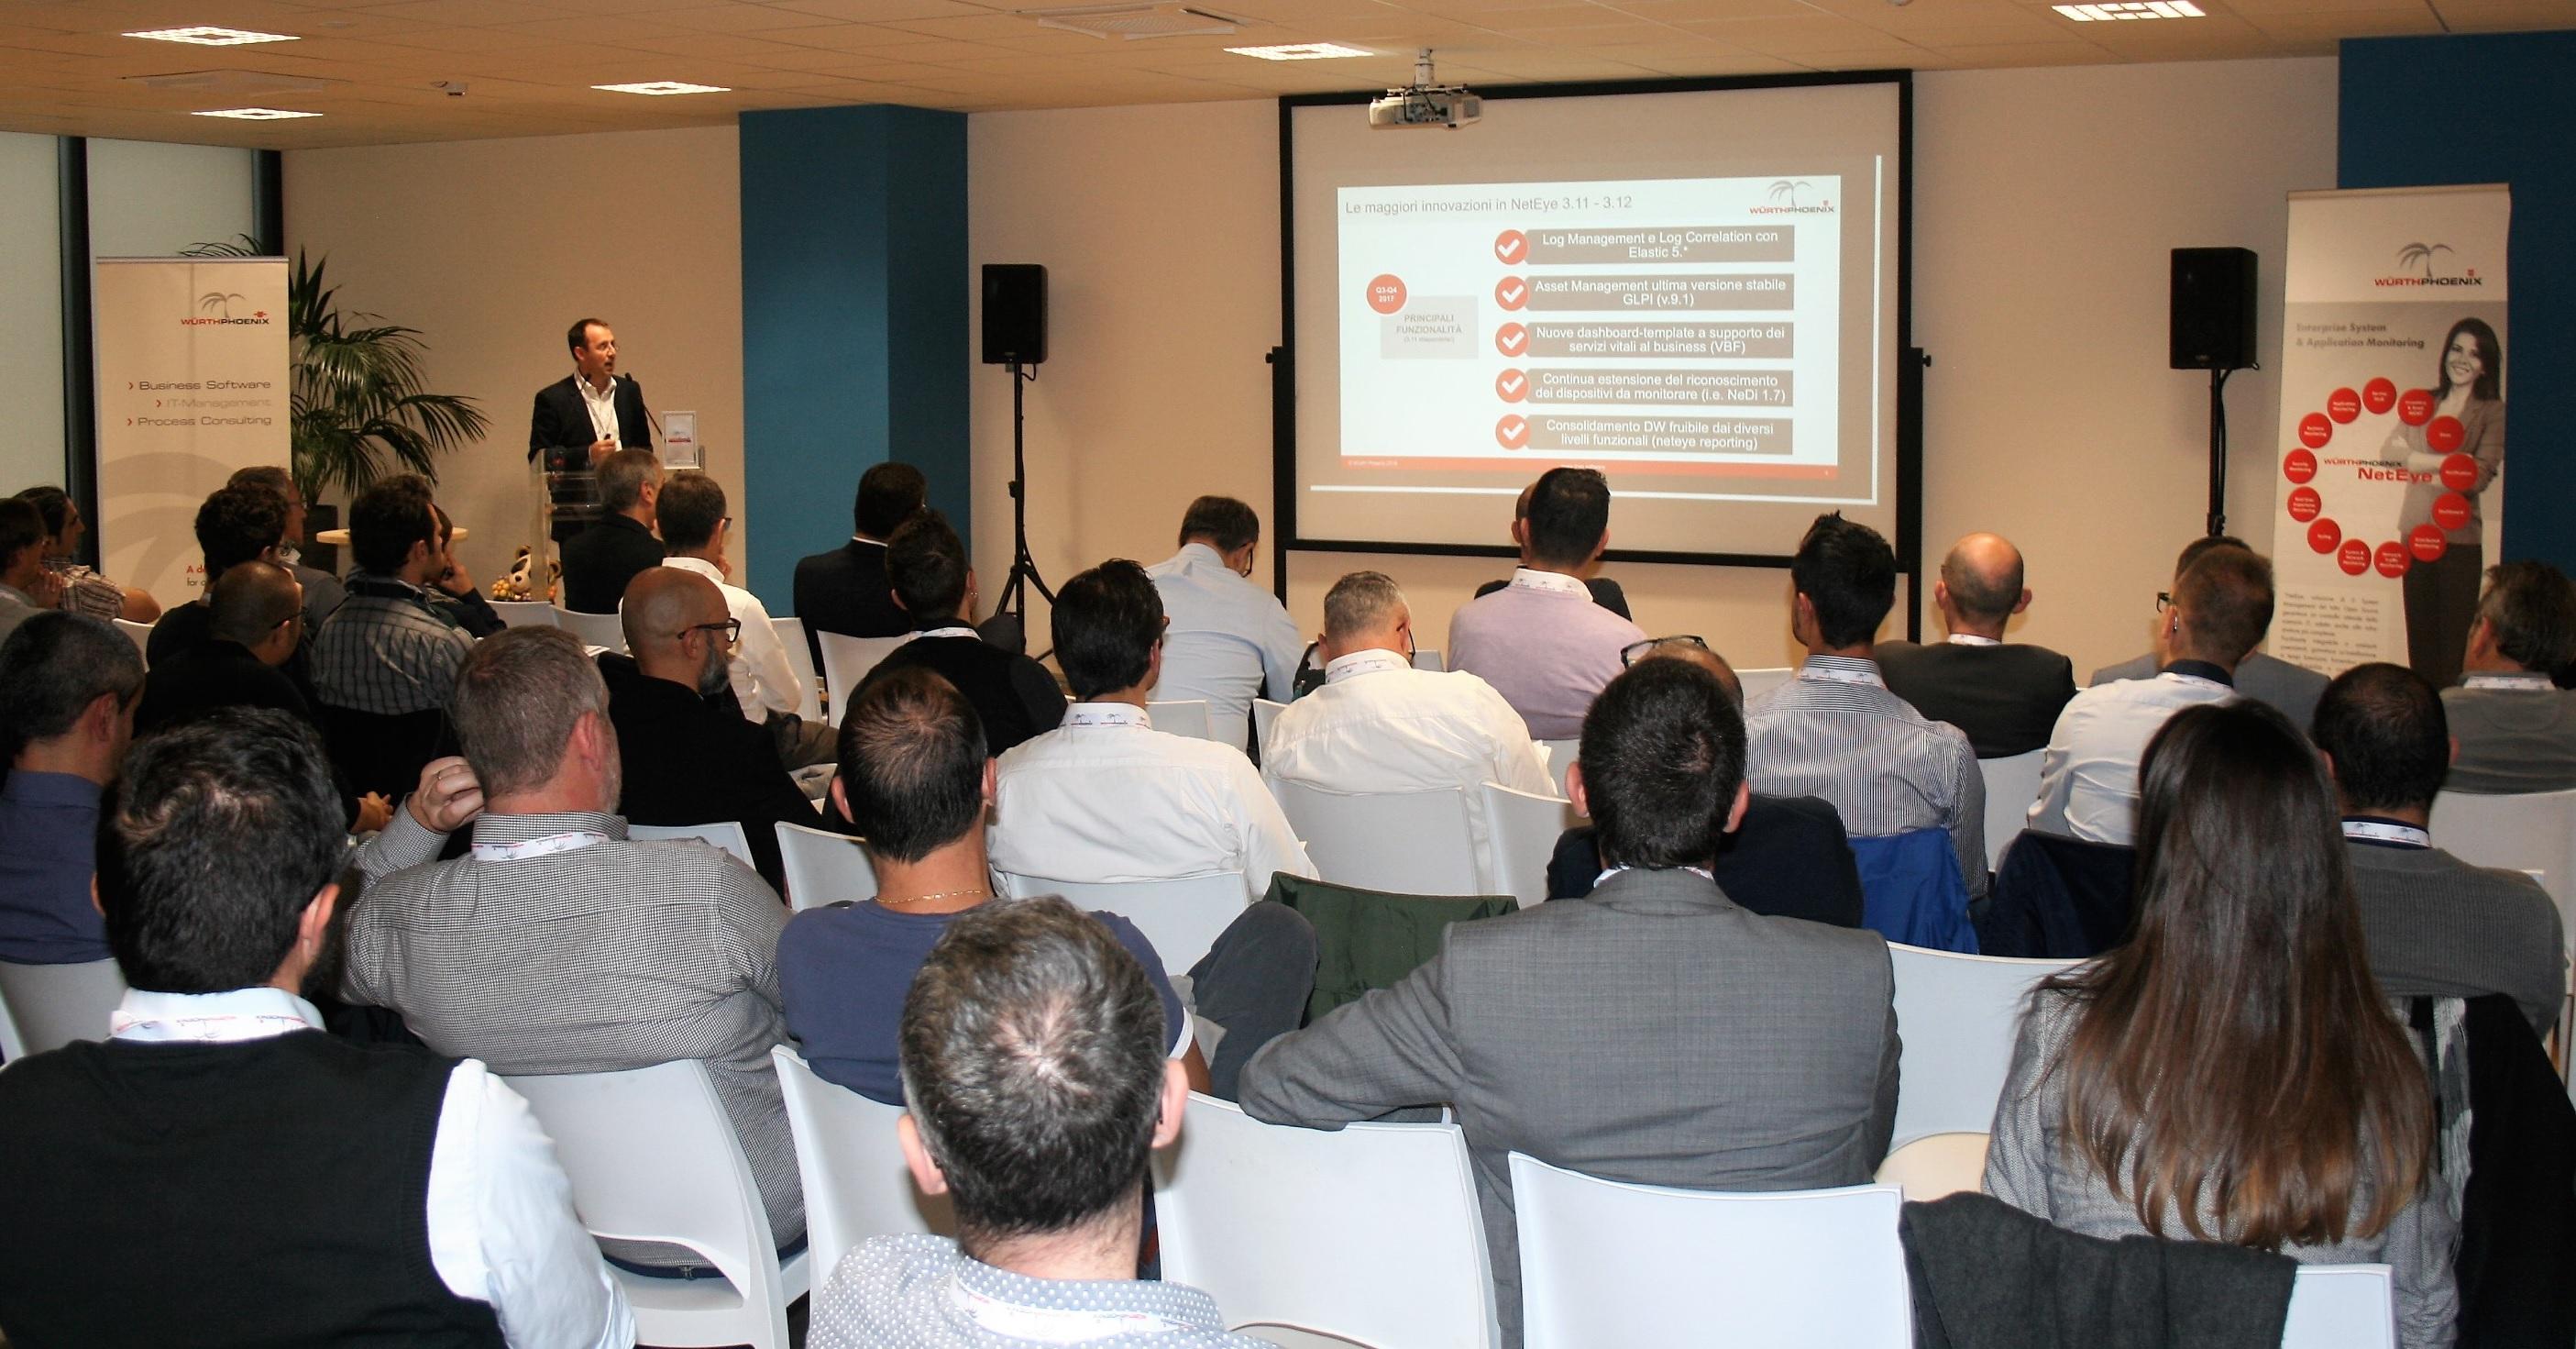 Nicola Degara sorprende la platea con le innovazioni di NetEye e EriZone